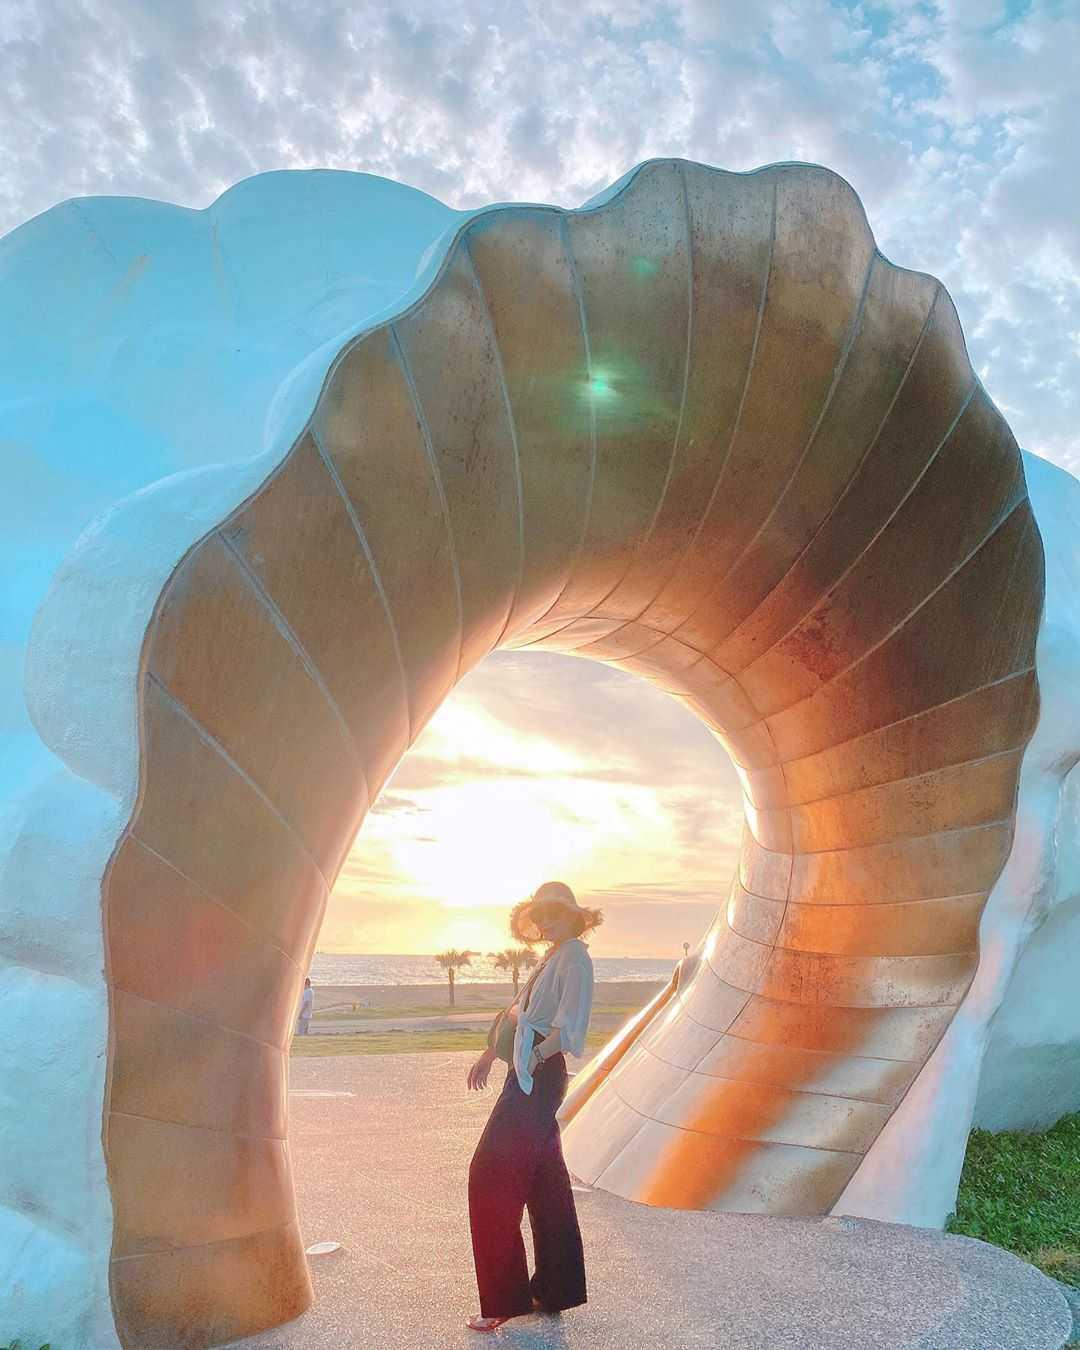 高雄景點推薦 |#8 旗津貝殼館